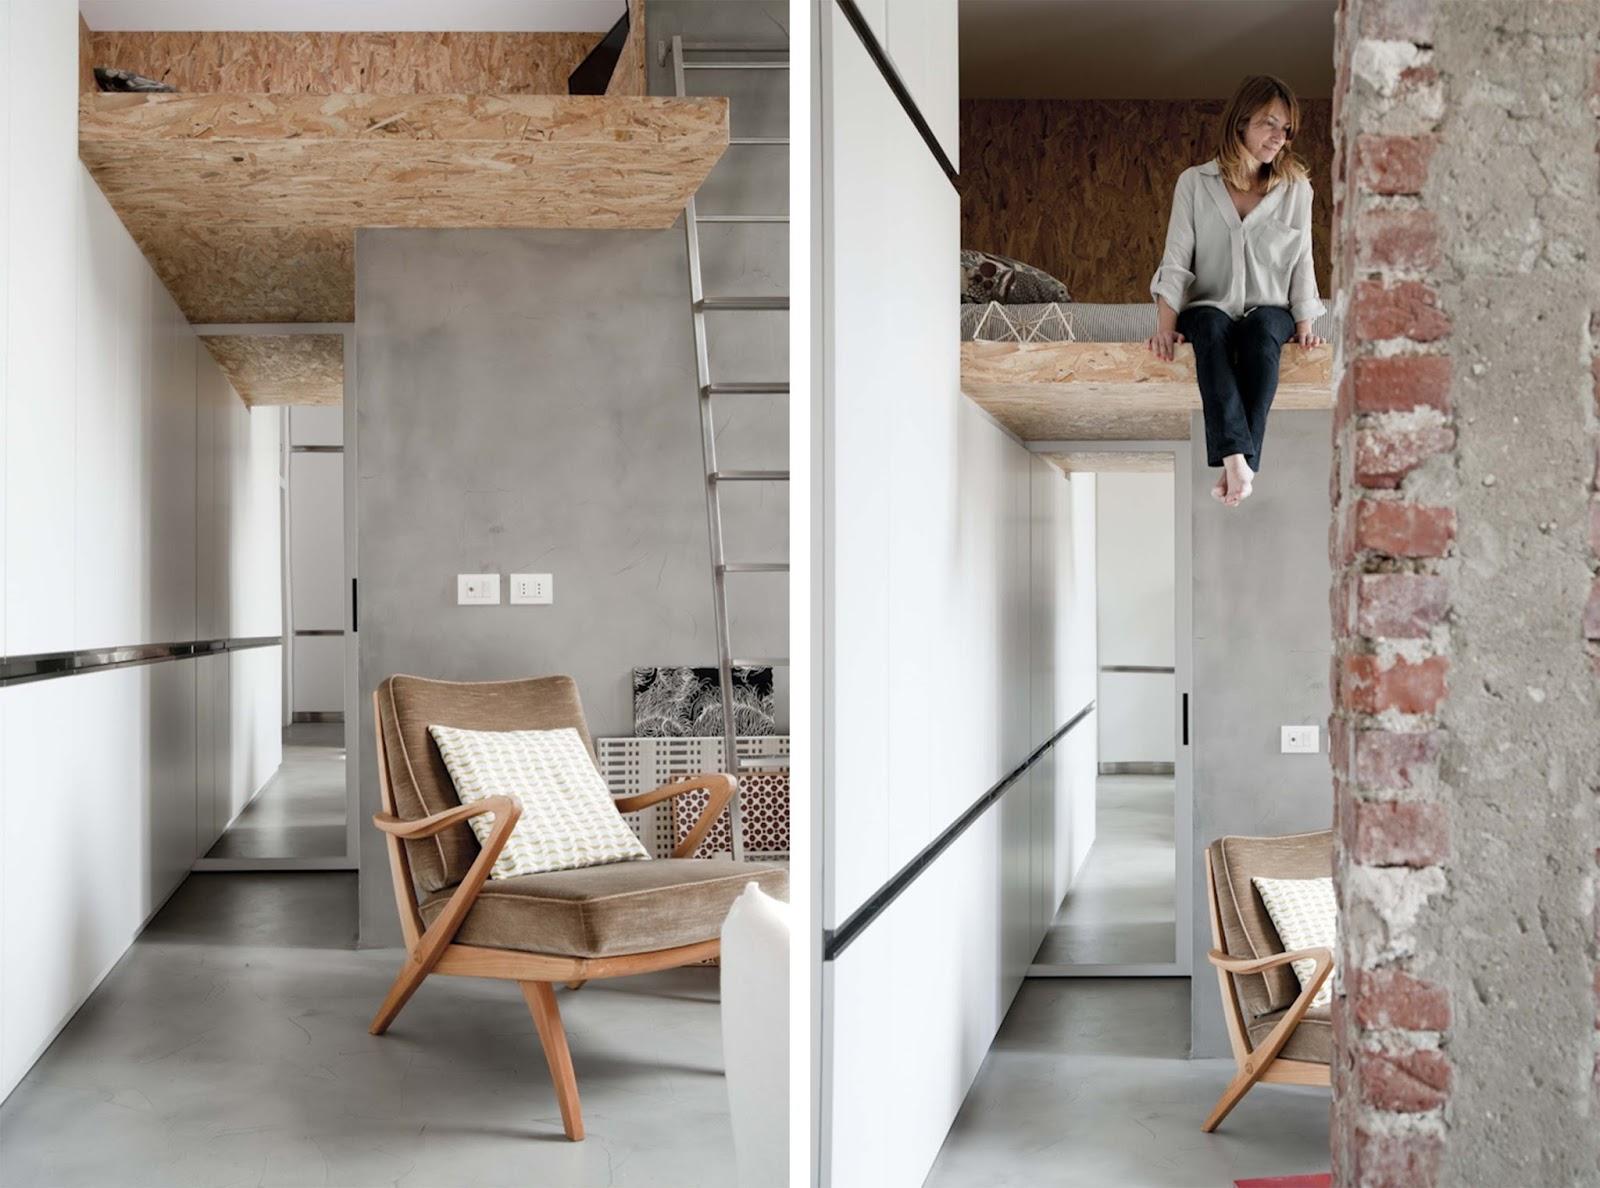 Mini appartamento di 30mq con soppalco  ARC ART blog by Daniele Drigo